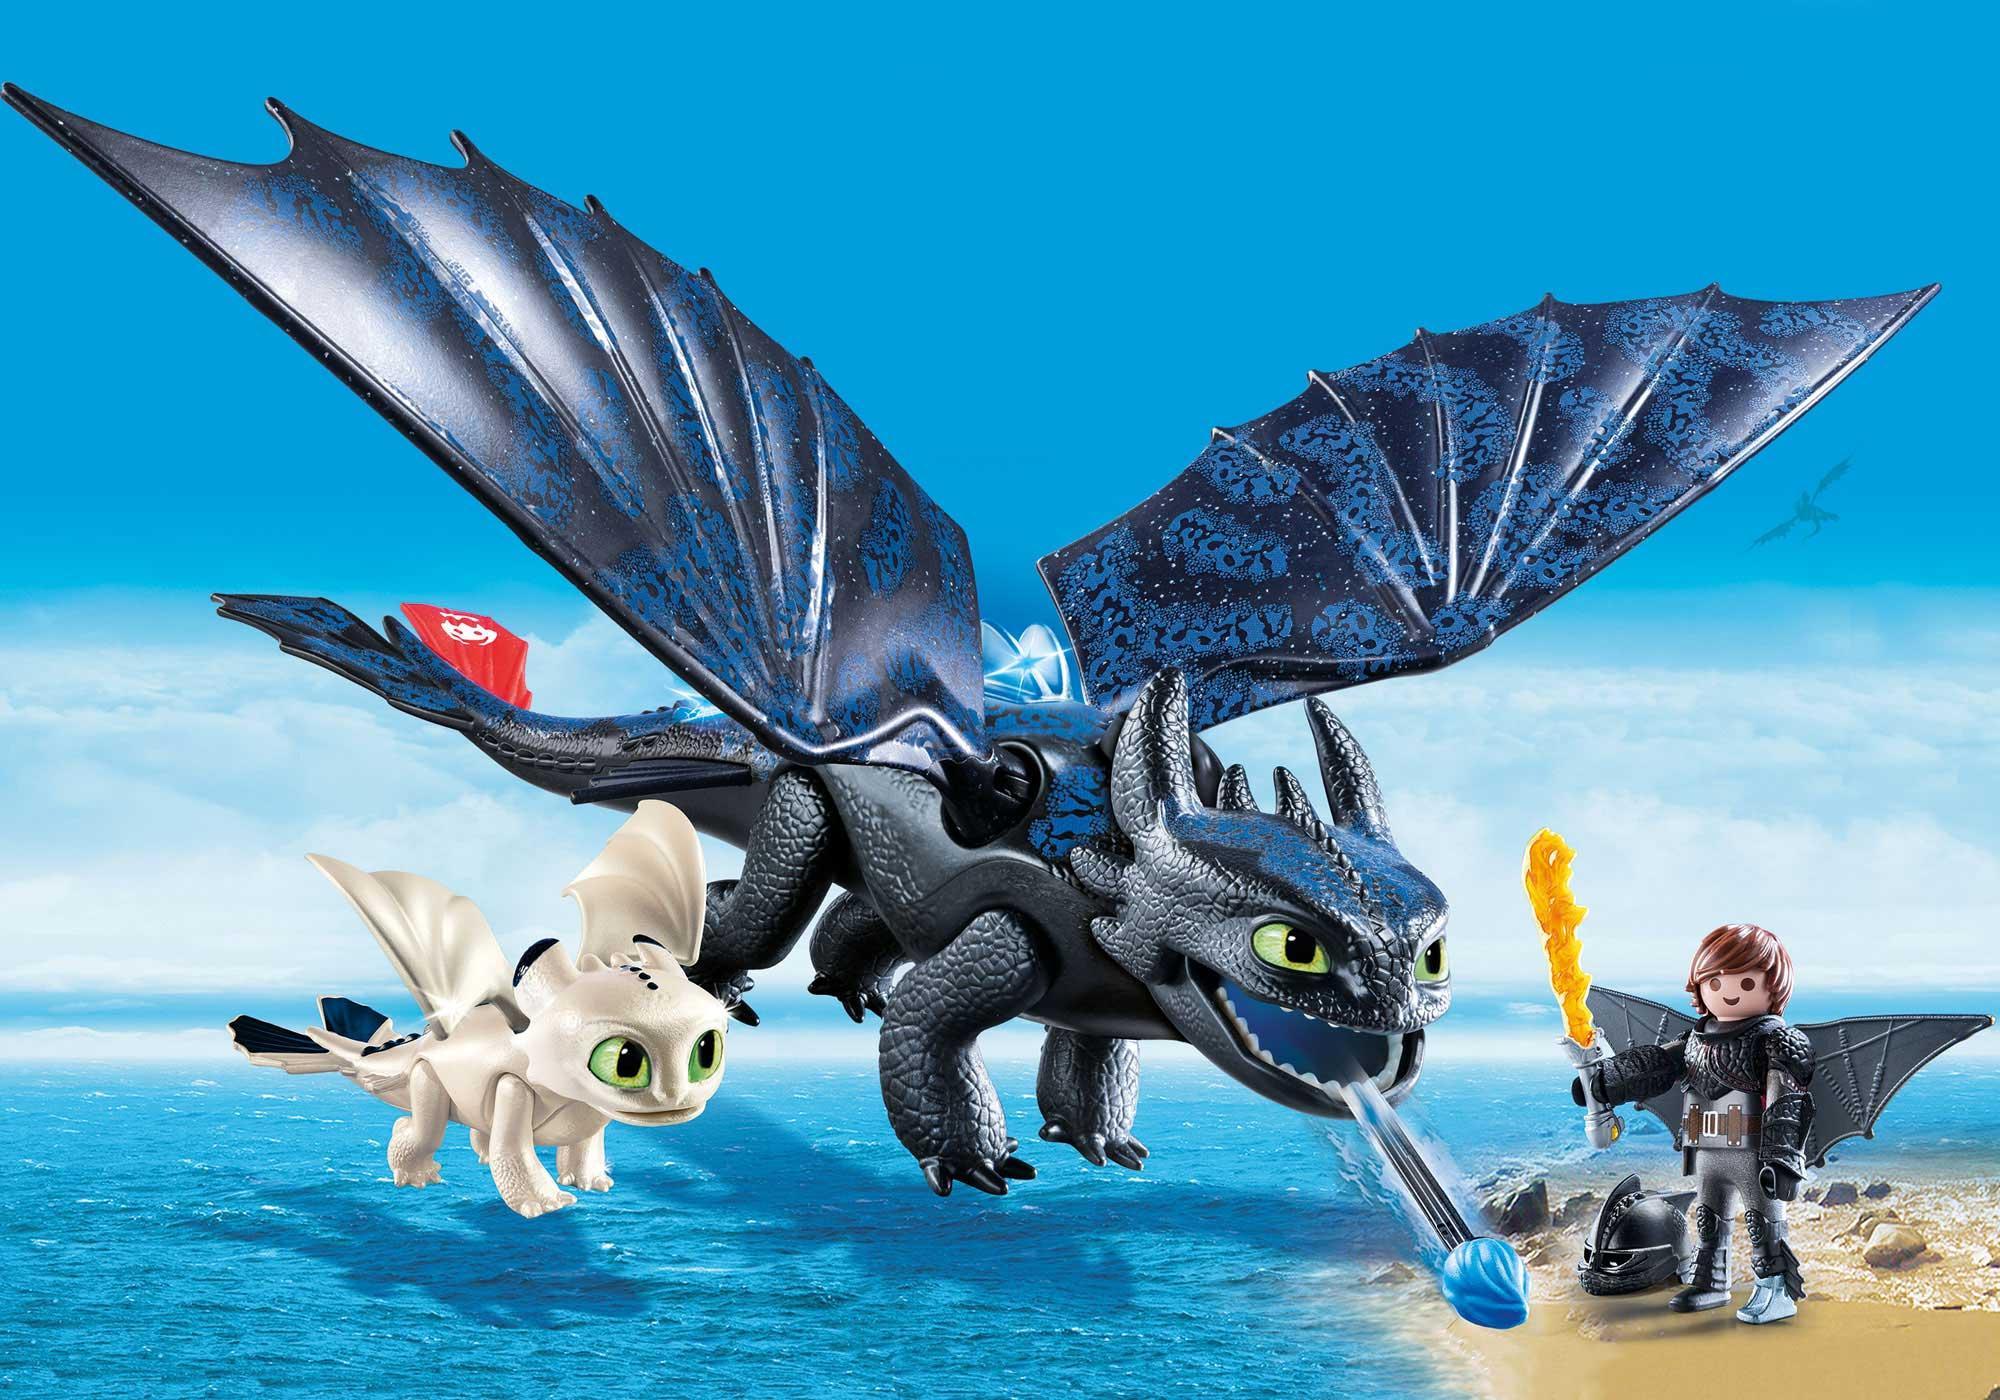 http://media.playmobil.com/i/playmobil/70037_product_detail/Tandlöse och Hicke med drakunge